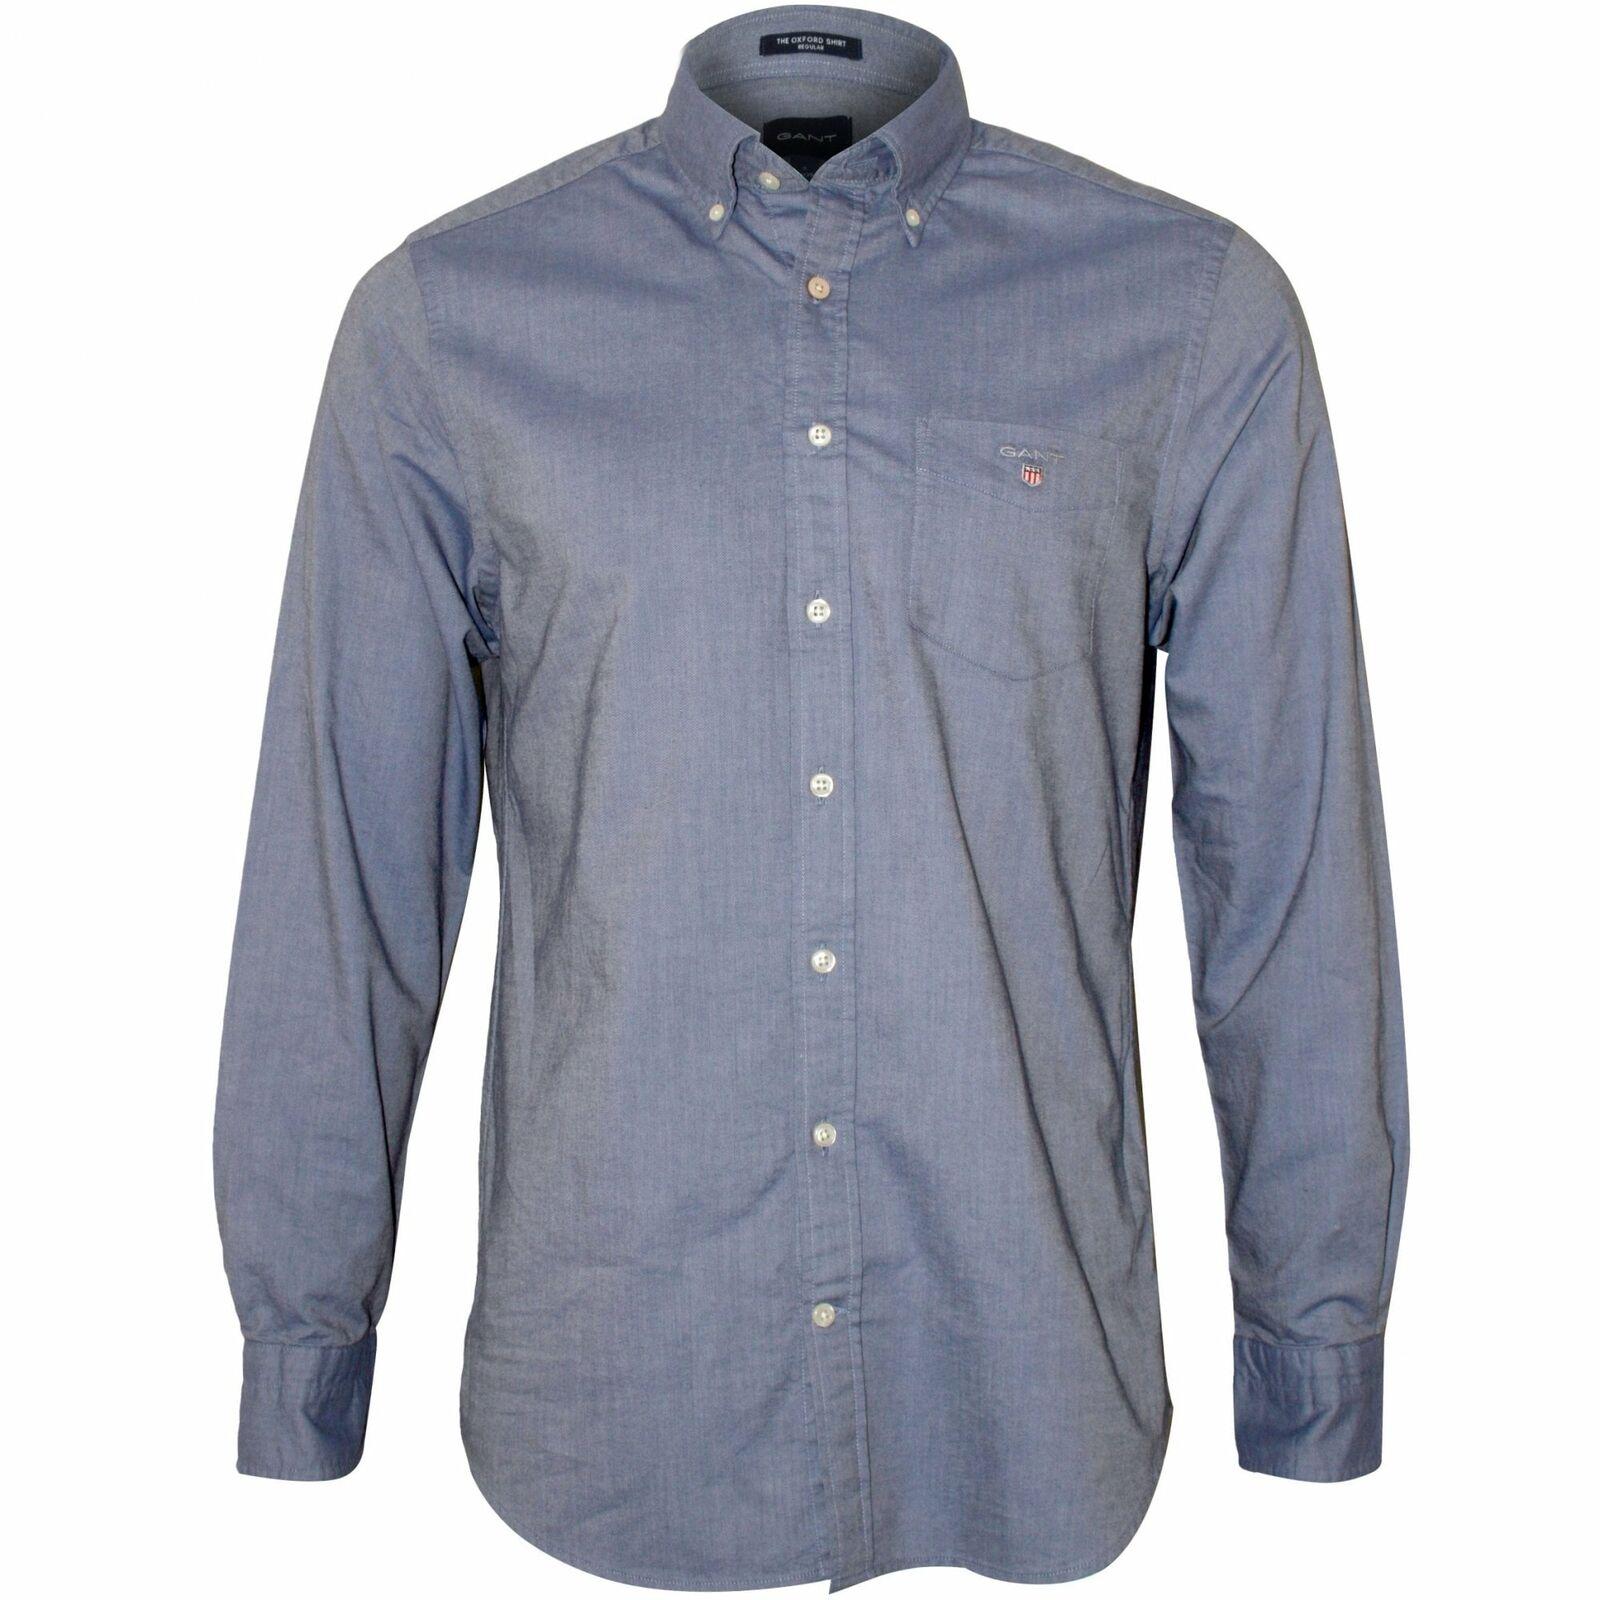 a1716c1aee Camicia Oxford regular fit uomo Gant, blu blu blu persiano 9a7618 ...